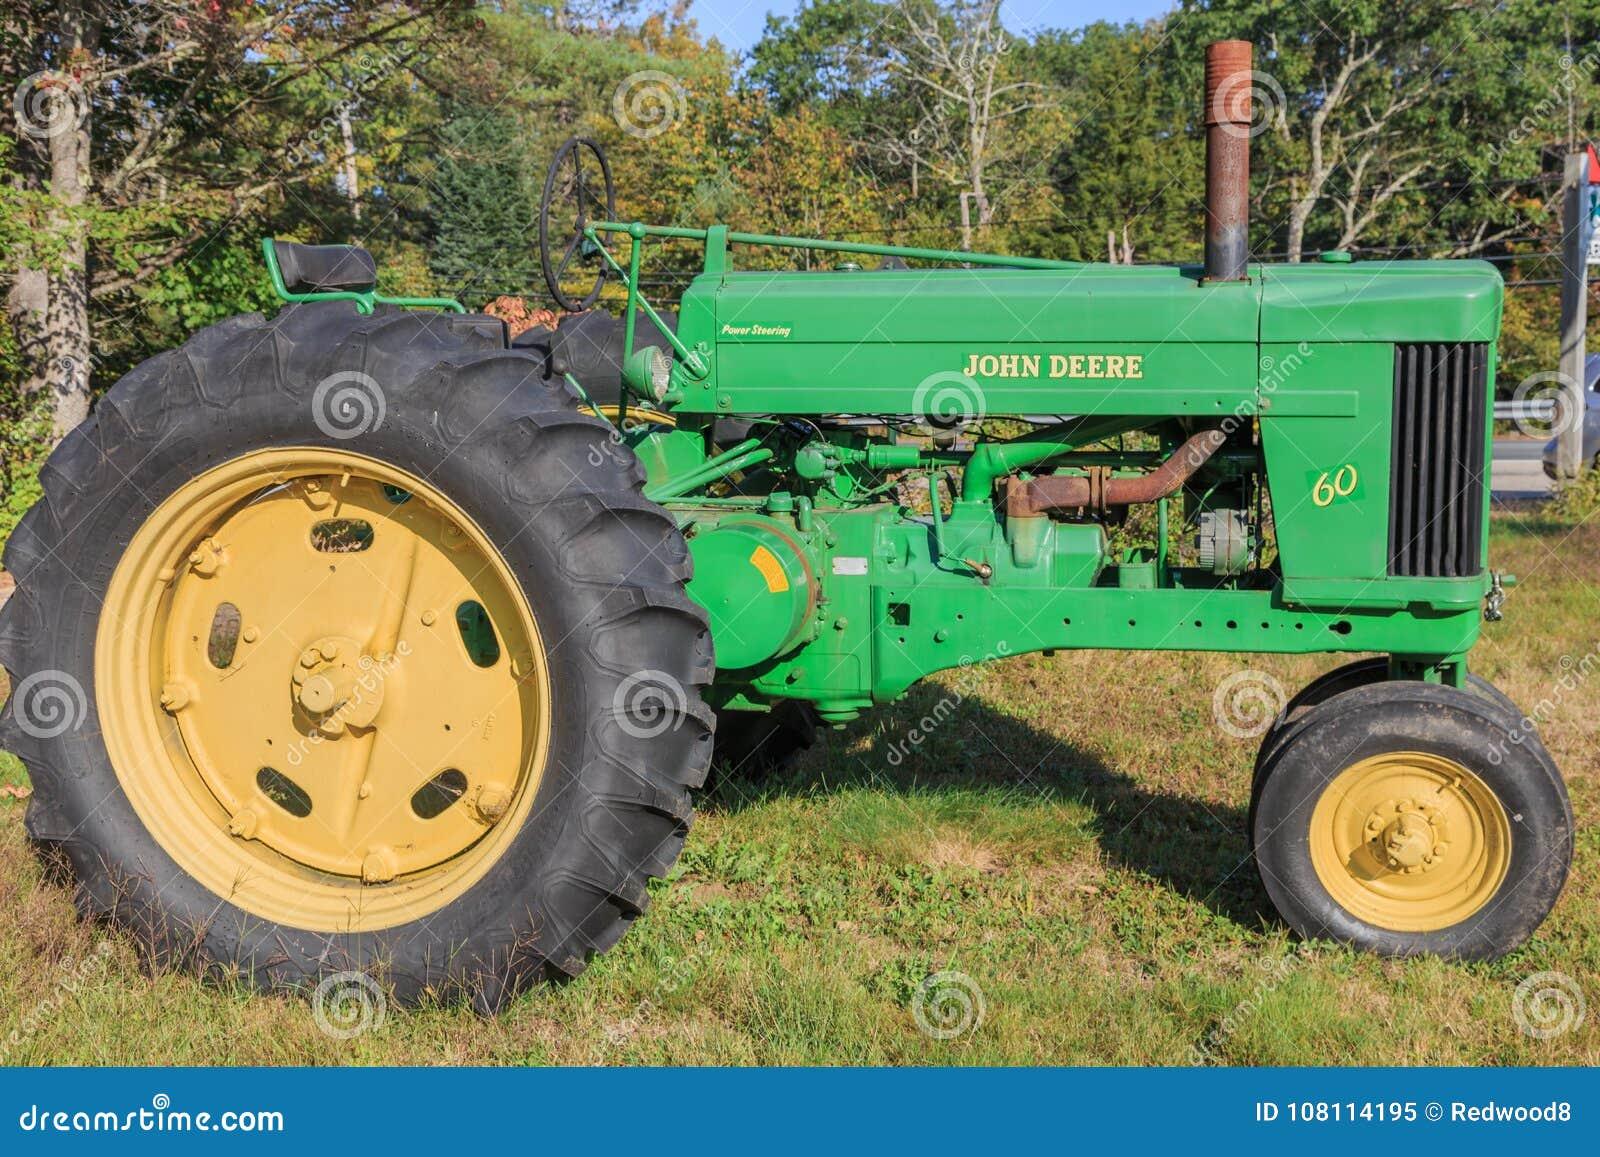 Vintage John Deere Model 60 Tractor